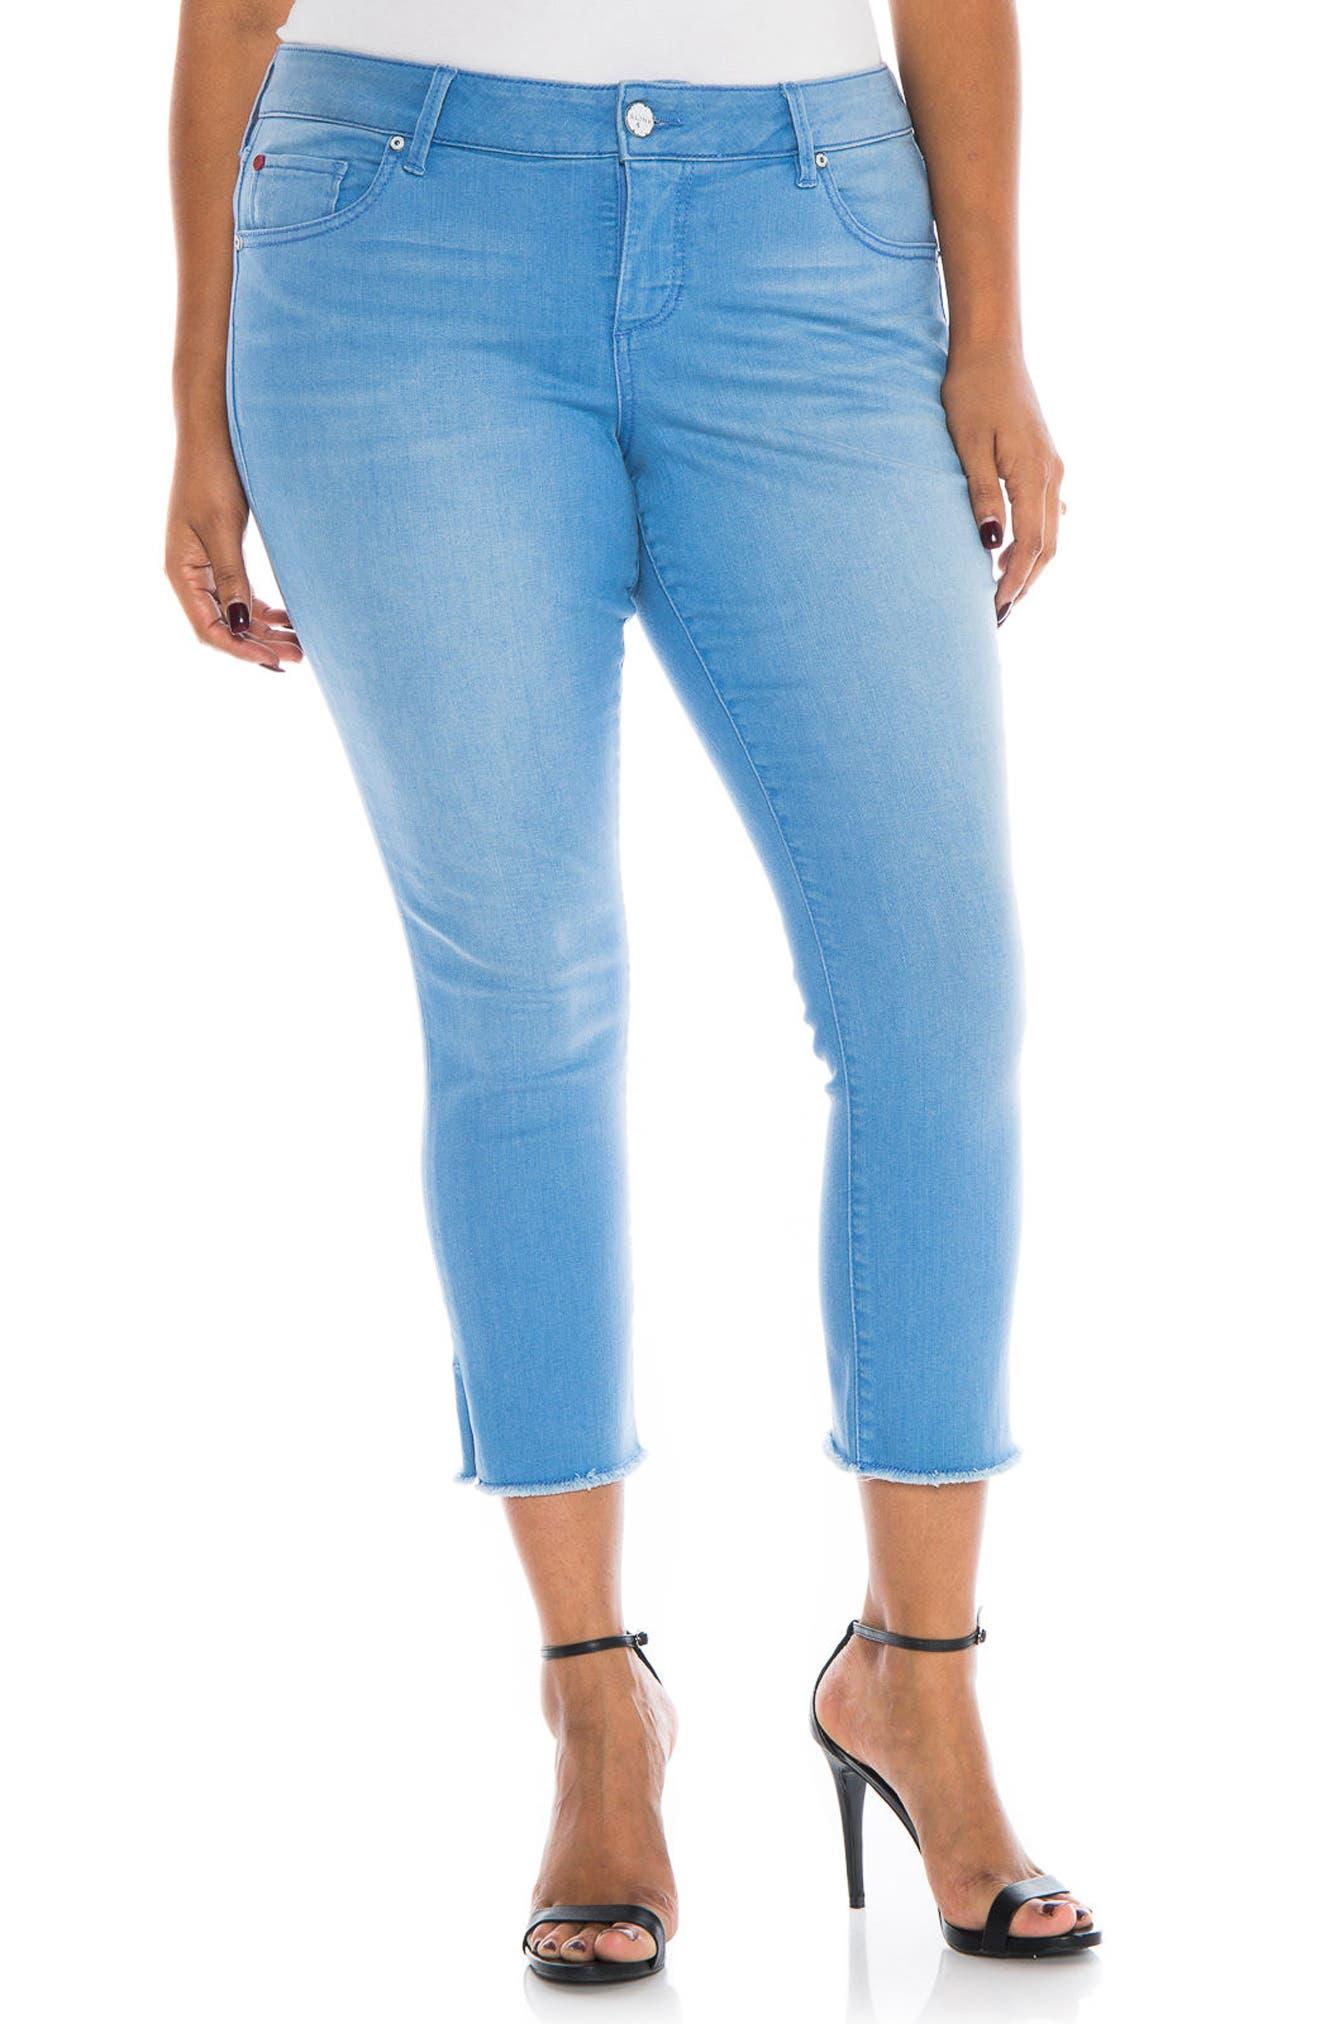 SLINK JEANS Fray Hem Crop Skinny Jeans